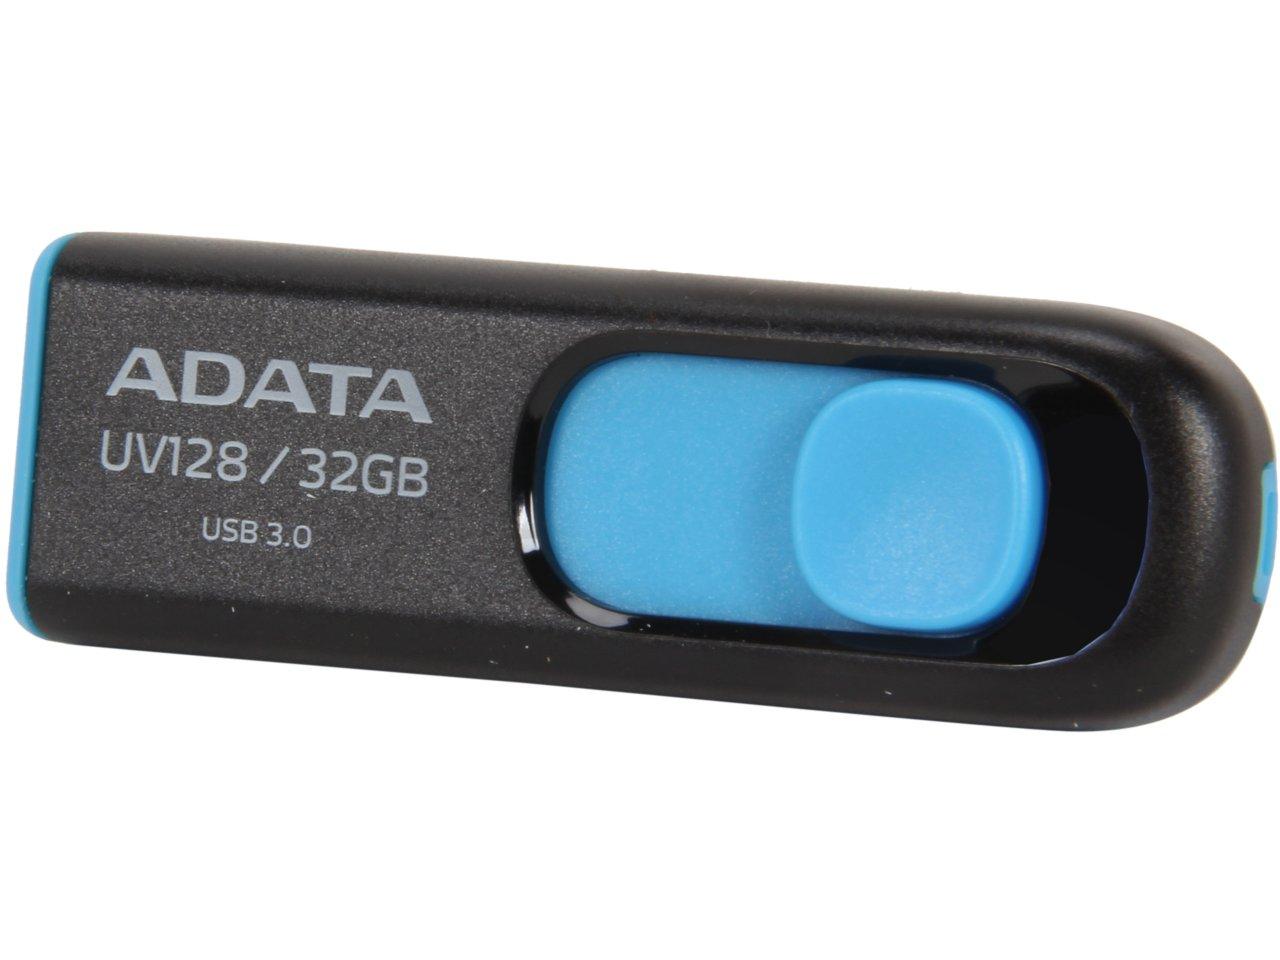 32 GB ADATA DashDrive UV128 Black & Blue USB 3.0 Flash Drive for $6.99 AC, 128 GB Silicon Power Blaze B05 Black USB 3.0 Flash Drive for $23.99 AC + S&H & More @ Newegg.com